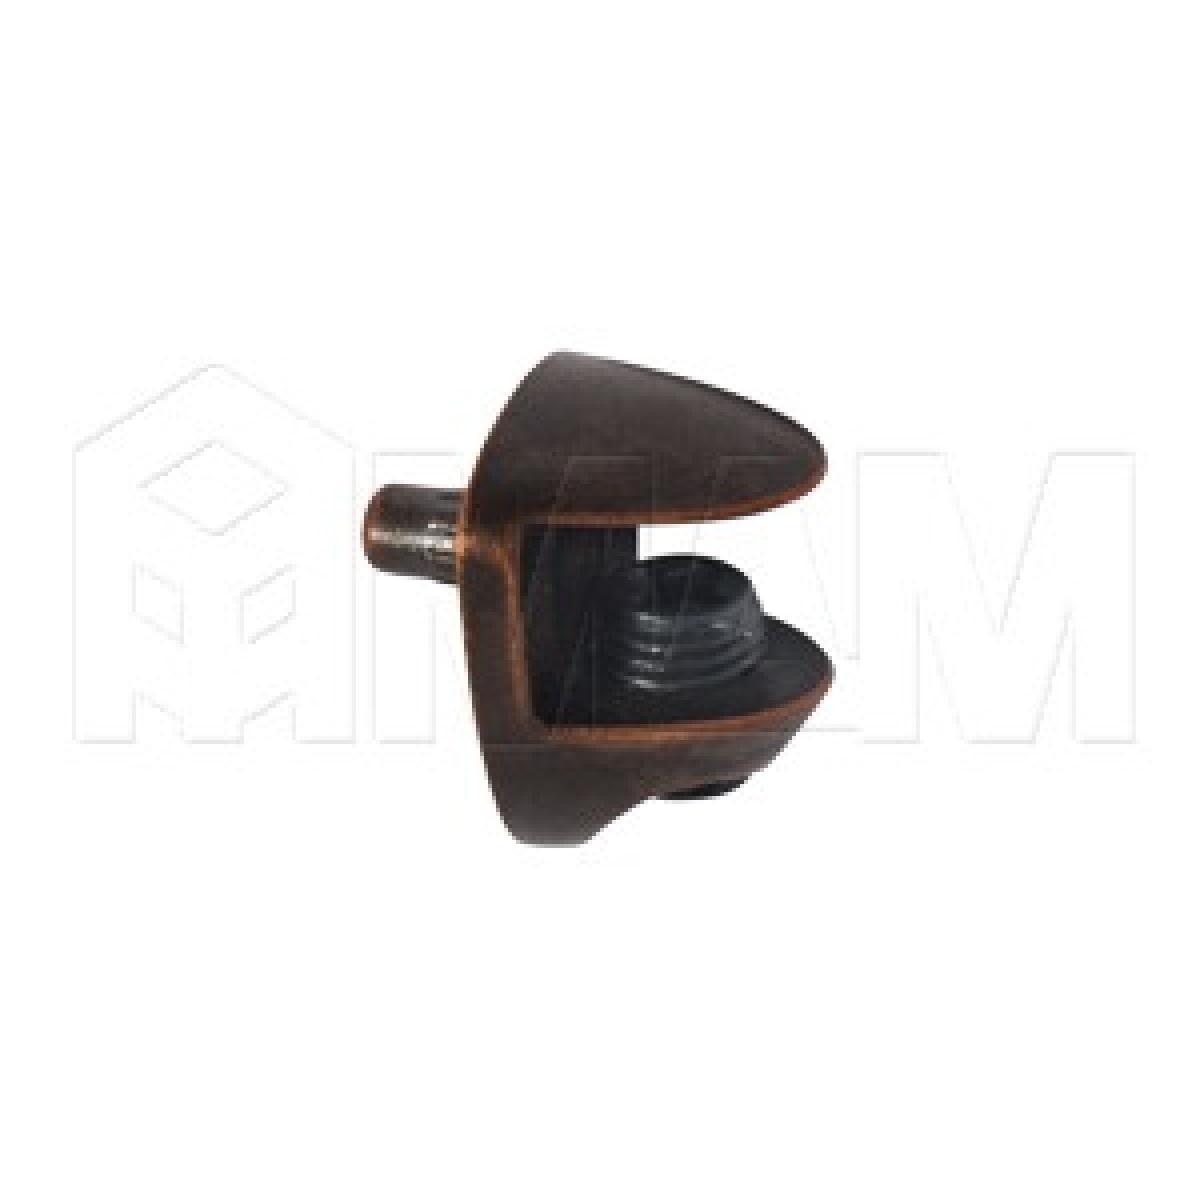 COBRA Полкодержатель для стеклянных полок толщиной 8-10 мм, со штоком, бронза